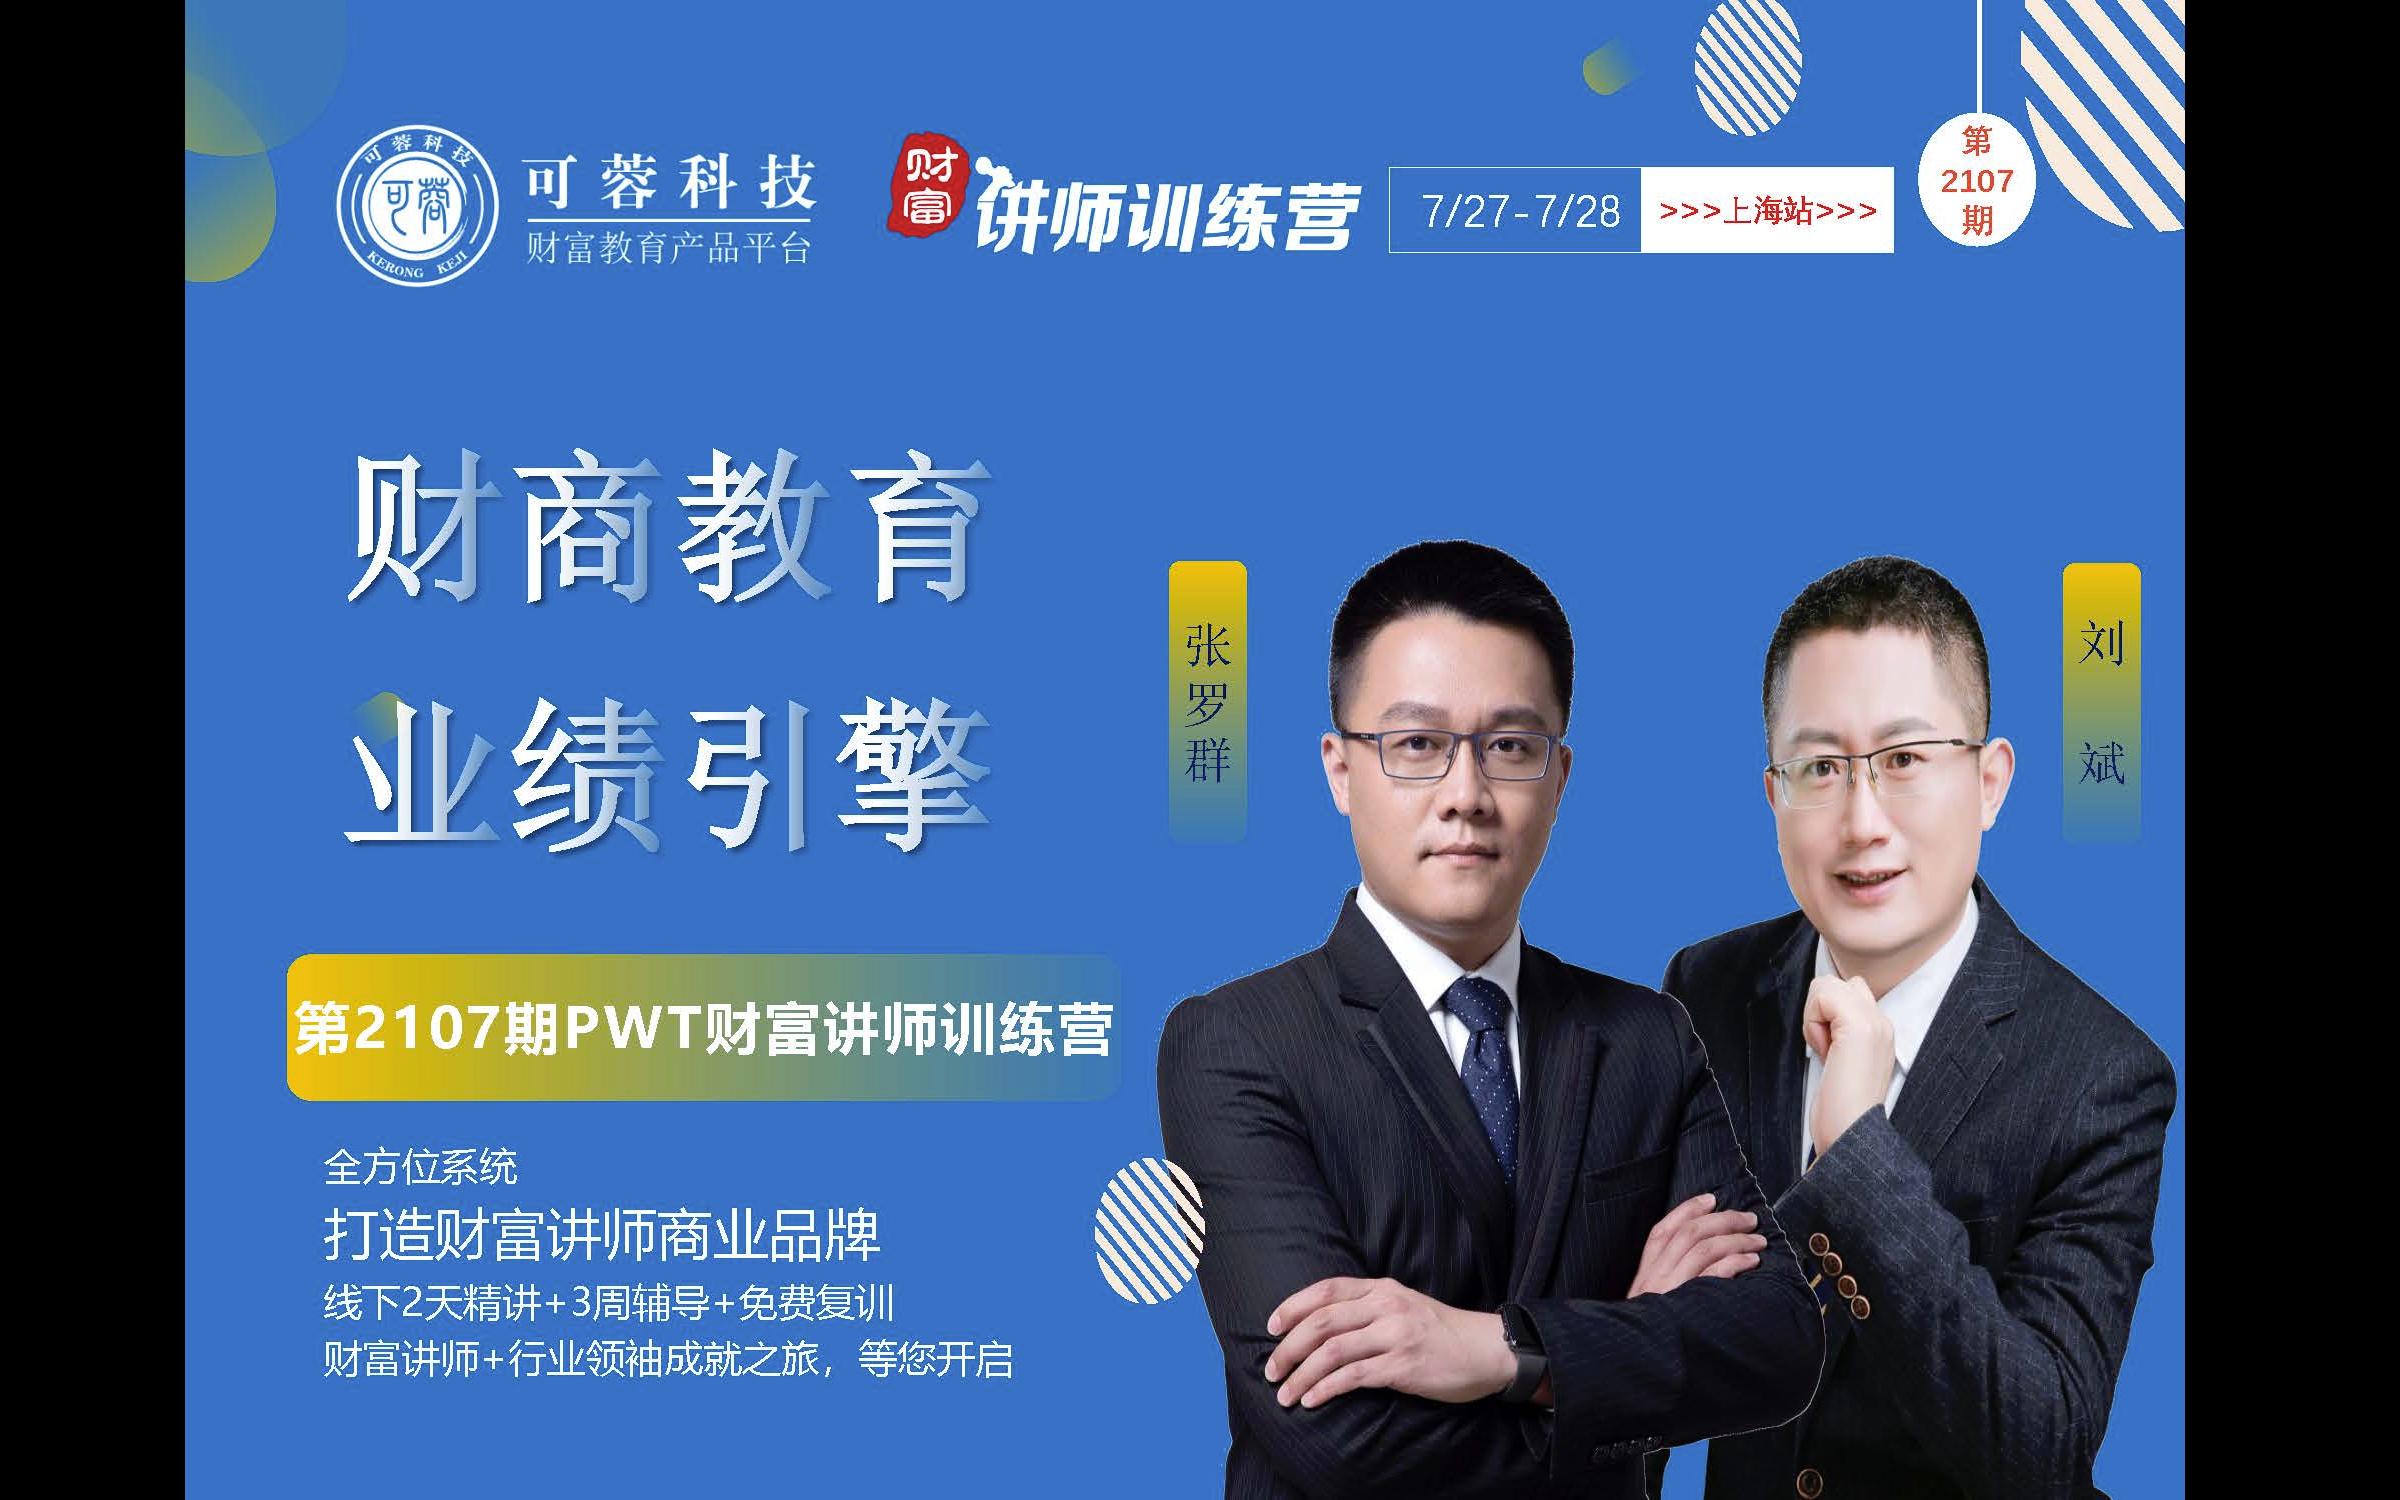 第2107期PWT财富讲师训练营-上海站